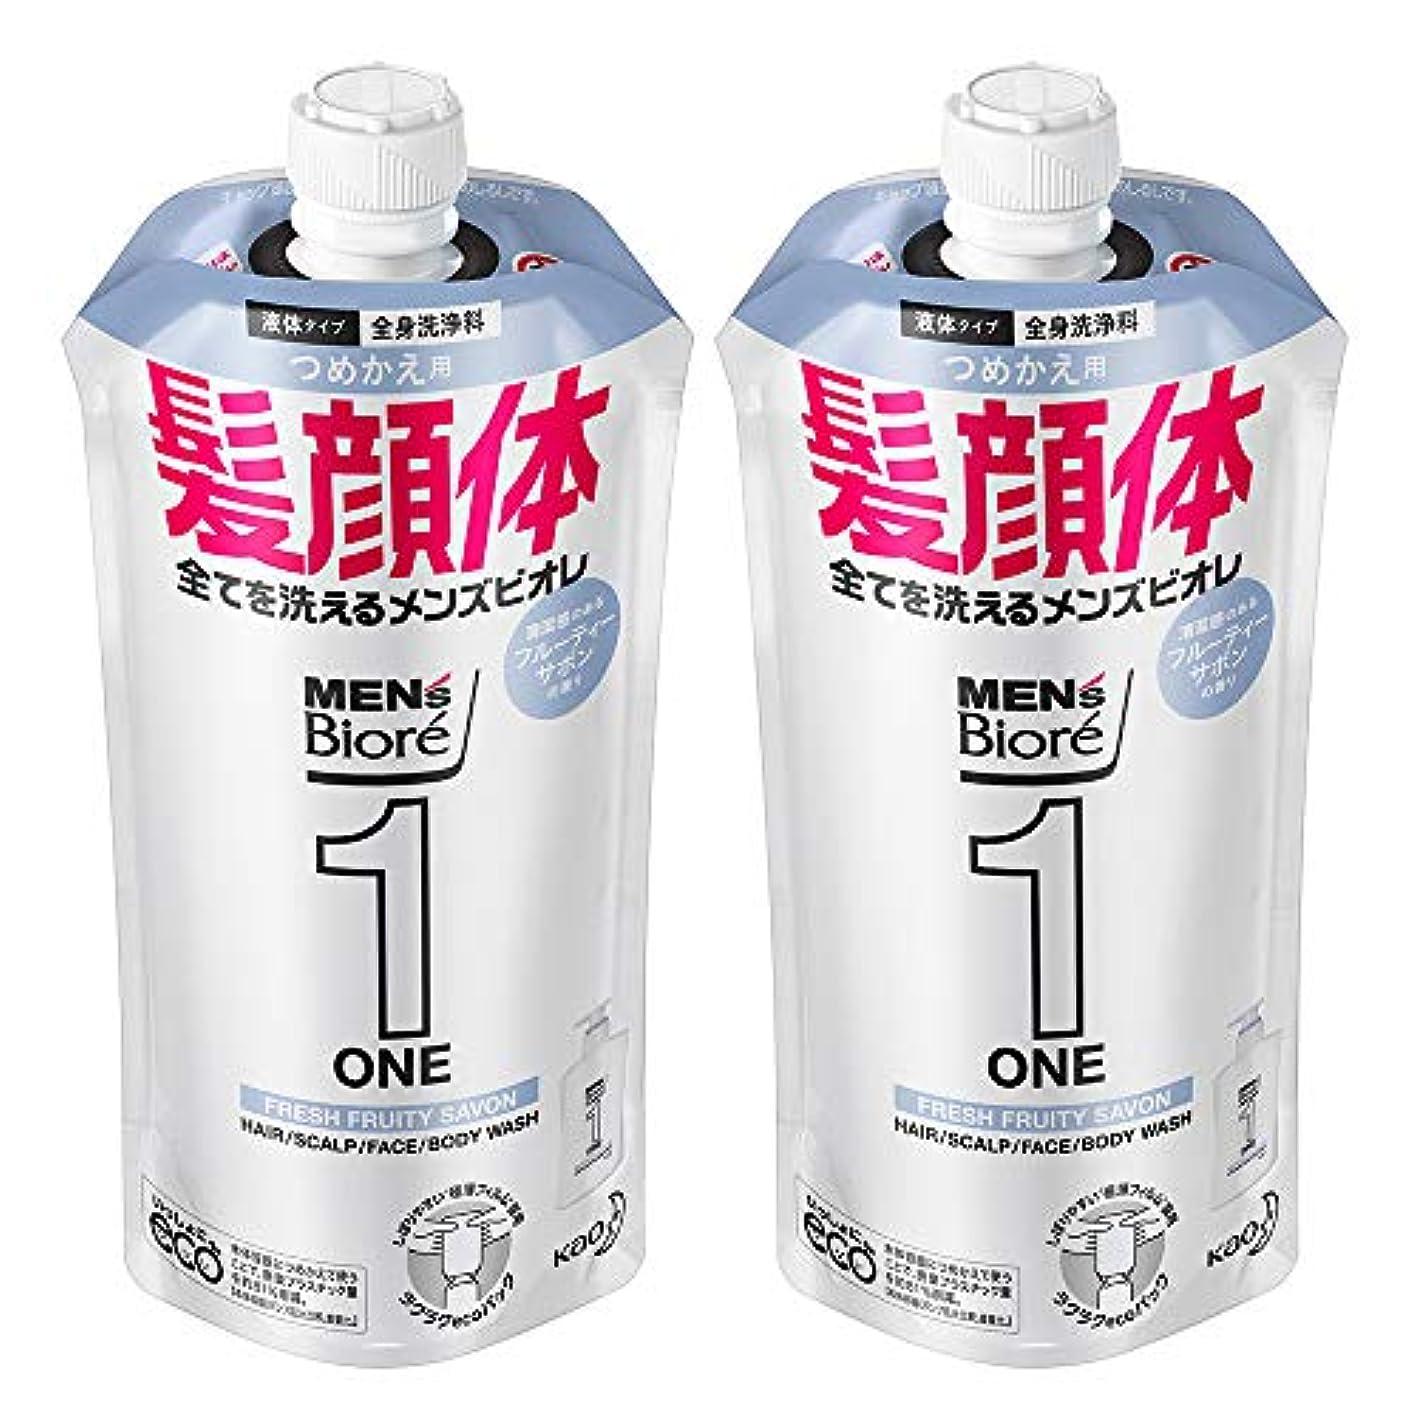 ふりをするチャペルギャラントリー【まとめ買い】メンズビオレ ONE オールインワン全身洗浄料 フルーティーサボンの香り つめかえ用 340ml×2個